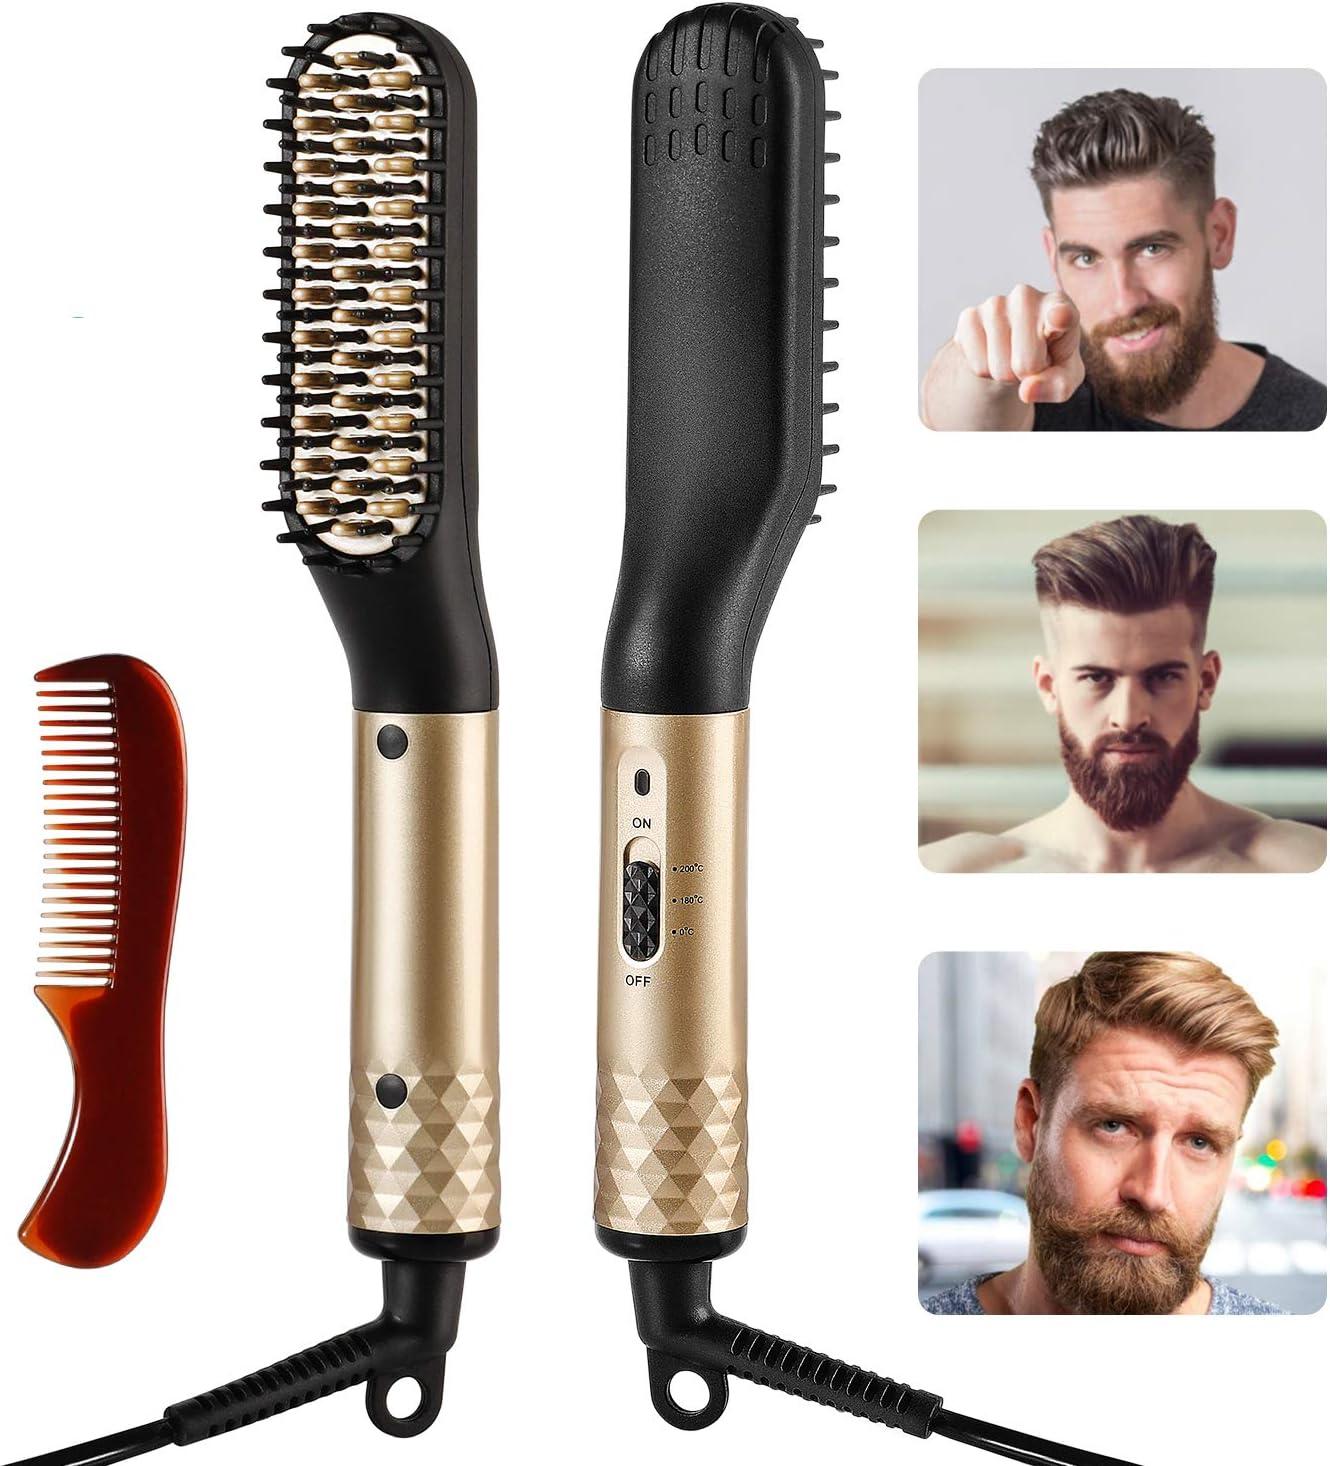 Ato Bea Barba Cepillo Alisador de Pelo, Profesional Eléctrico Multifuncional Anti-escaldado Beard Straightener con 2 Temperatura Ajustable, Plancha de Pelo Rápida Para Barbas y Cabellos